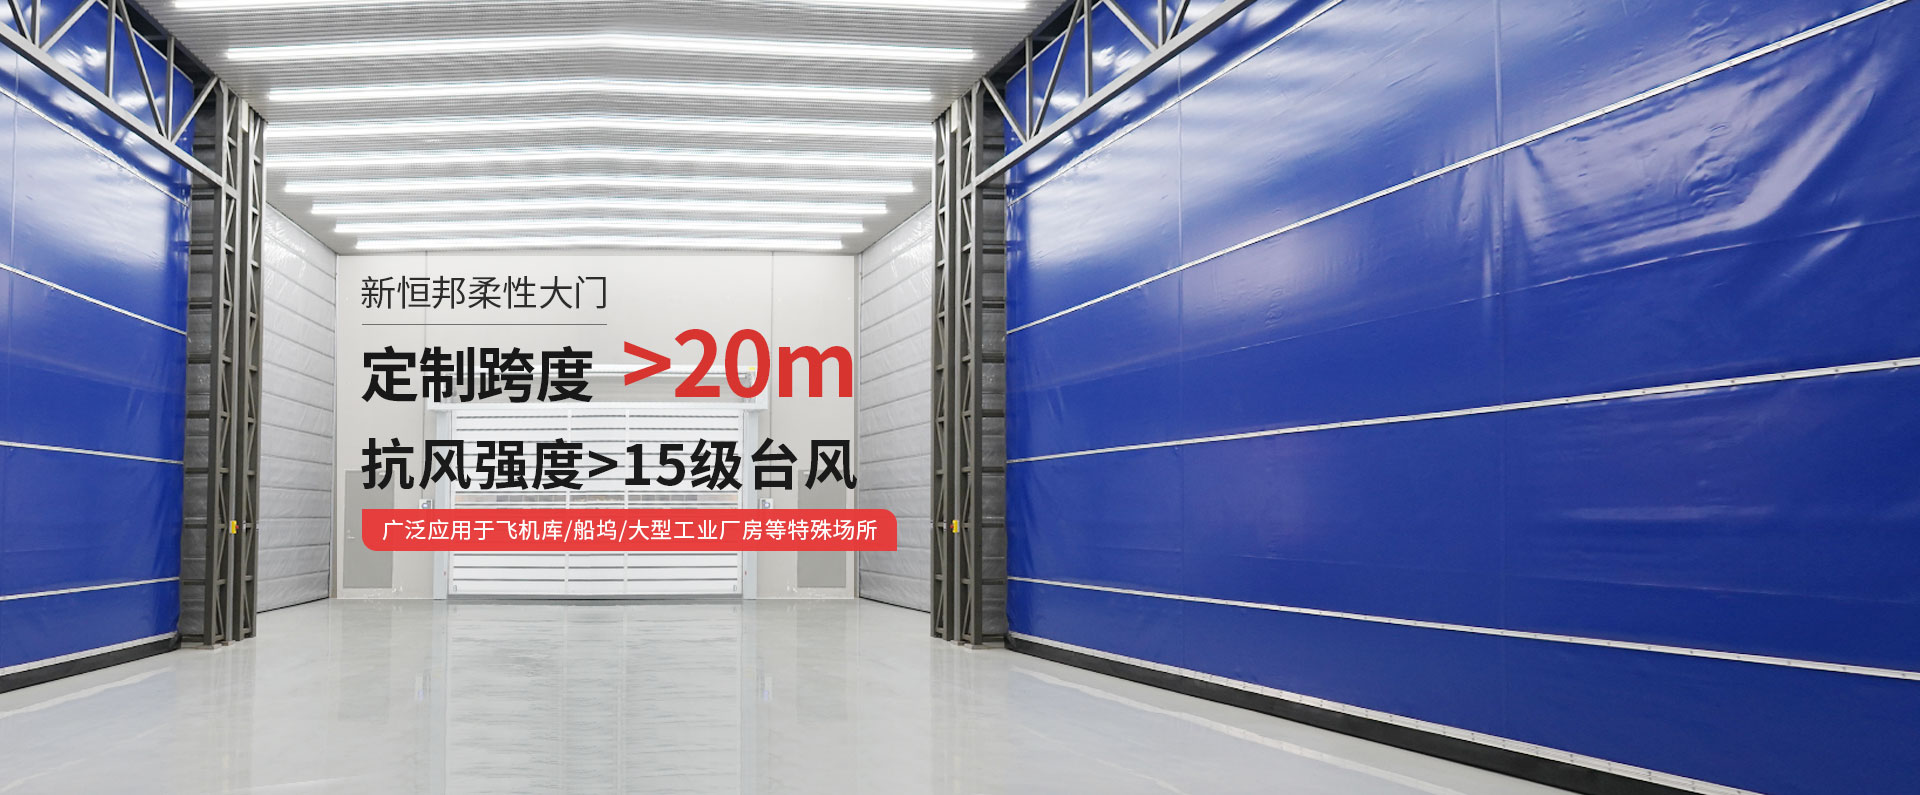 新恒邦柔性大门定制跨度>20m,抗风强度>15级台风,广泛应用于飞机库/船坞/大型工业厂房等特殊场所